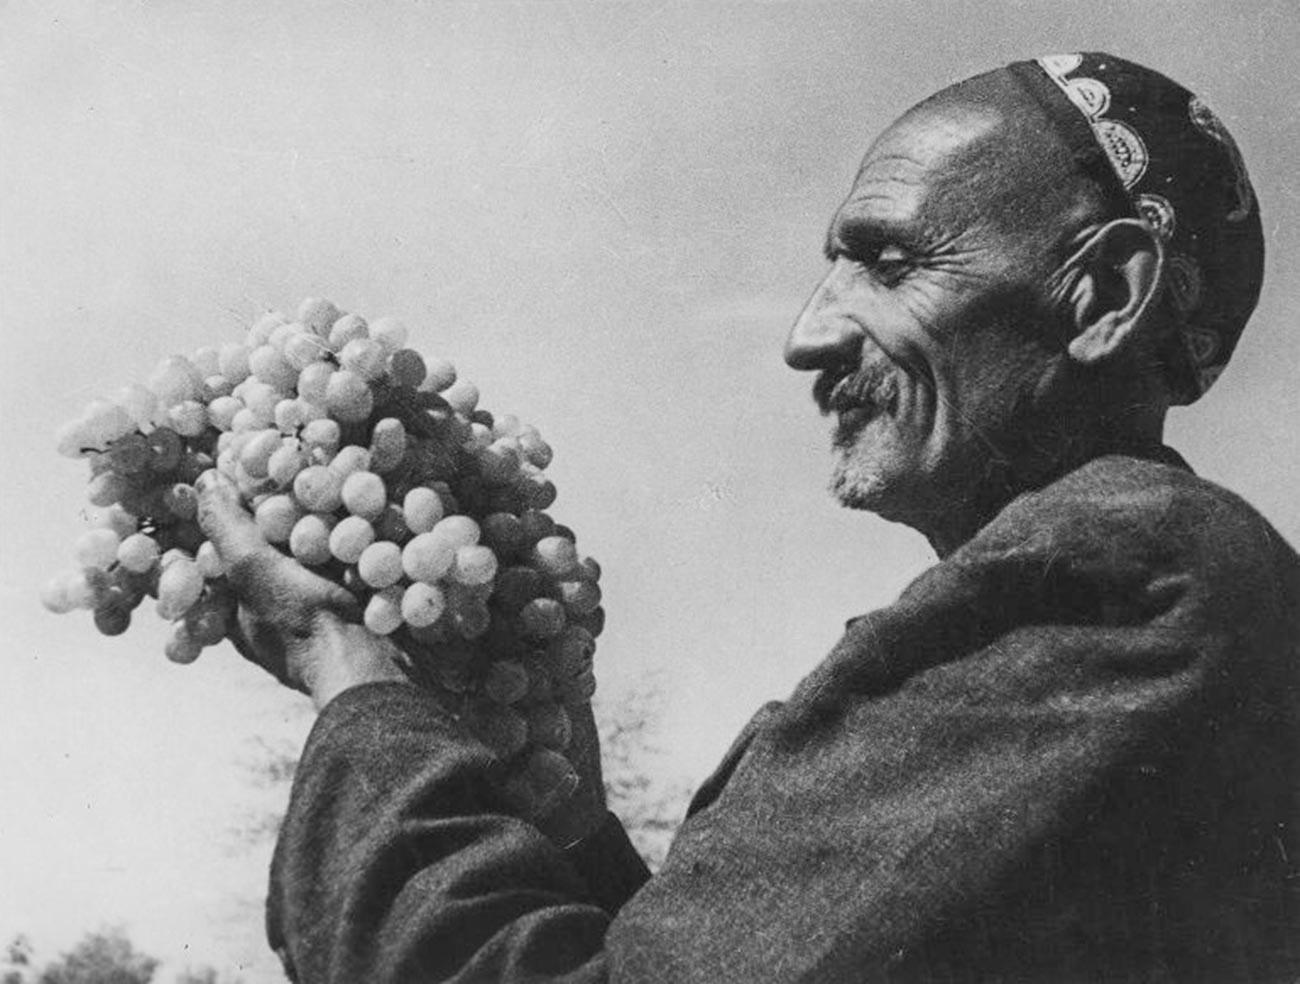 Лучший виноградарь Узбекской республики орденоносец Ризамат Мусамухамедов вывел особый сорт винограда в Узбекистане «Рундвайс», 1939 год.